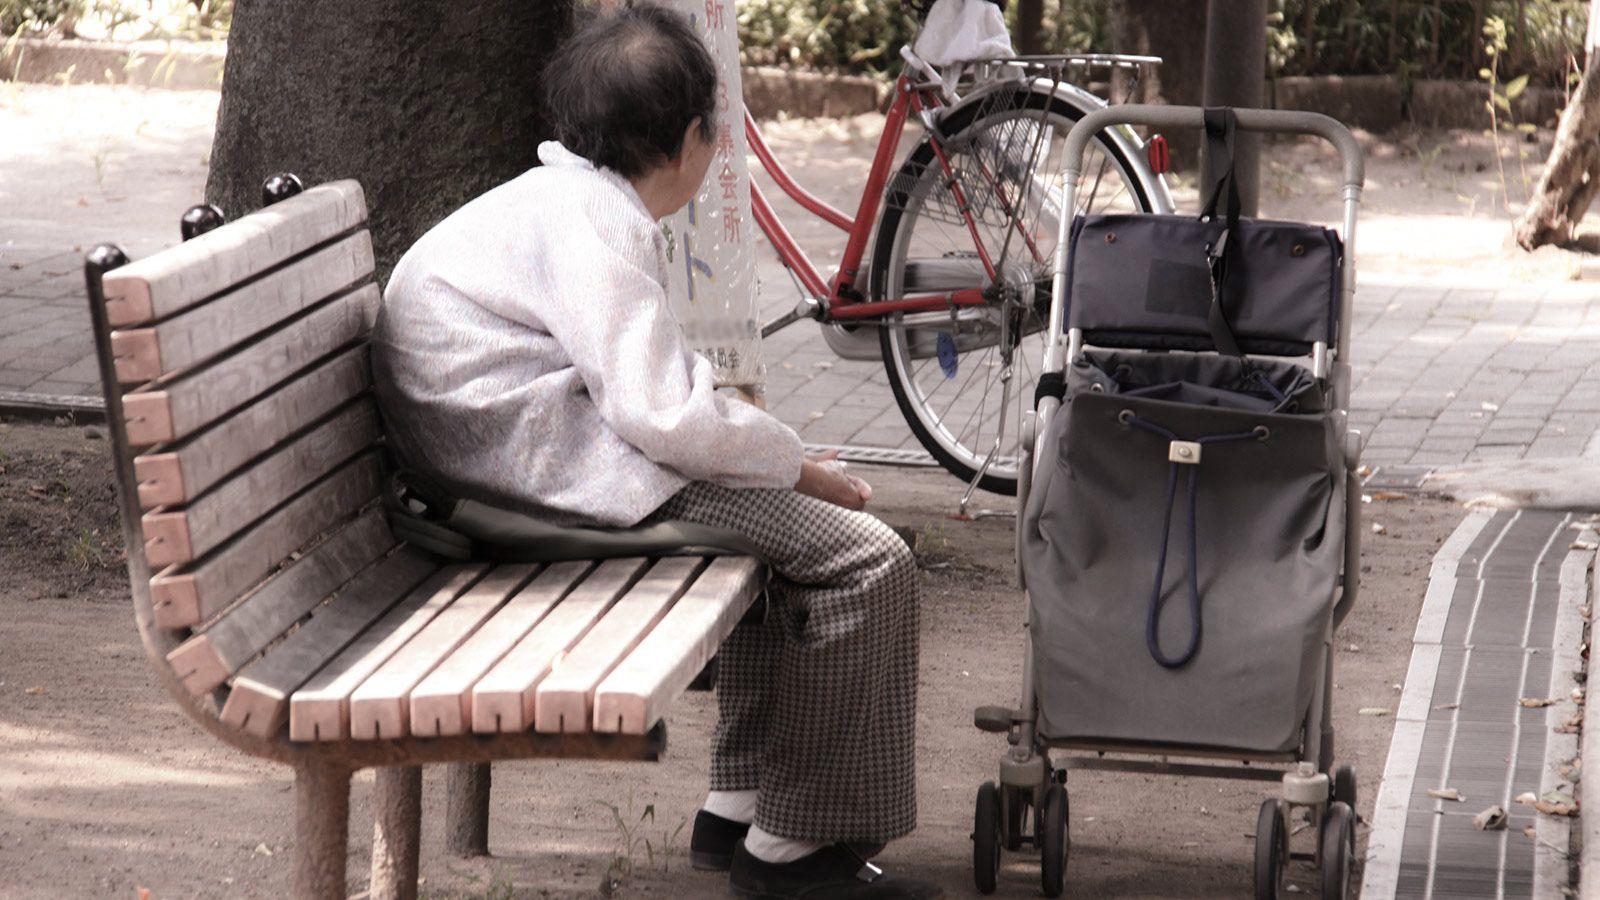 【年金】生活苦に悩む高齢者たちの実情  → 持ち家が足かせになり、生活保護を受けることすらできないのサムネイル画像